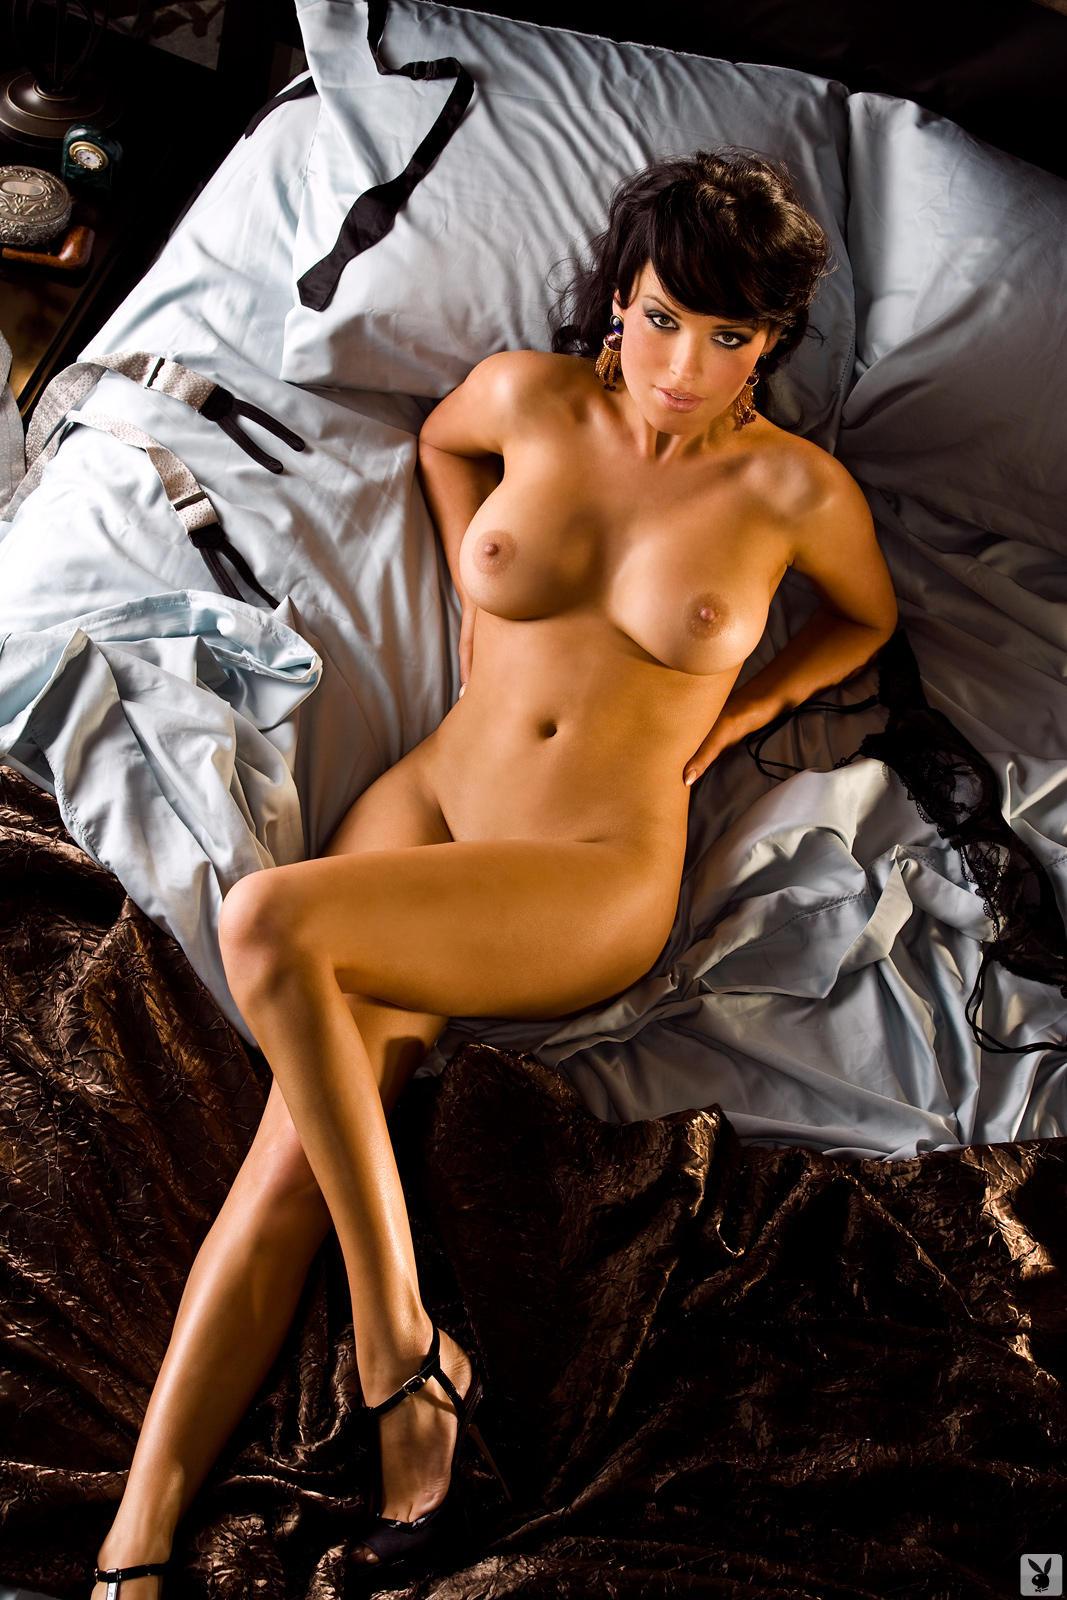 Екатерина обнаженная царица порно полная версия онлайн как очень